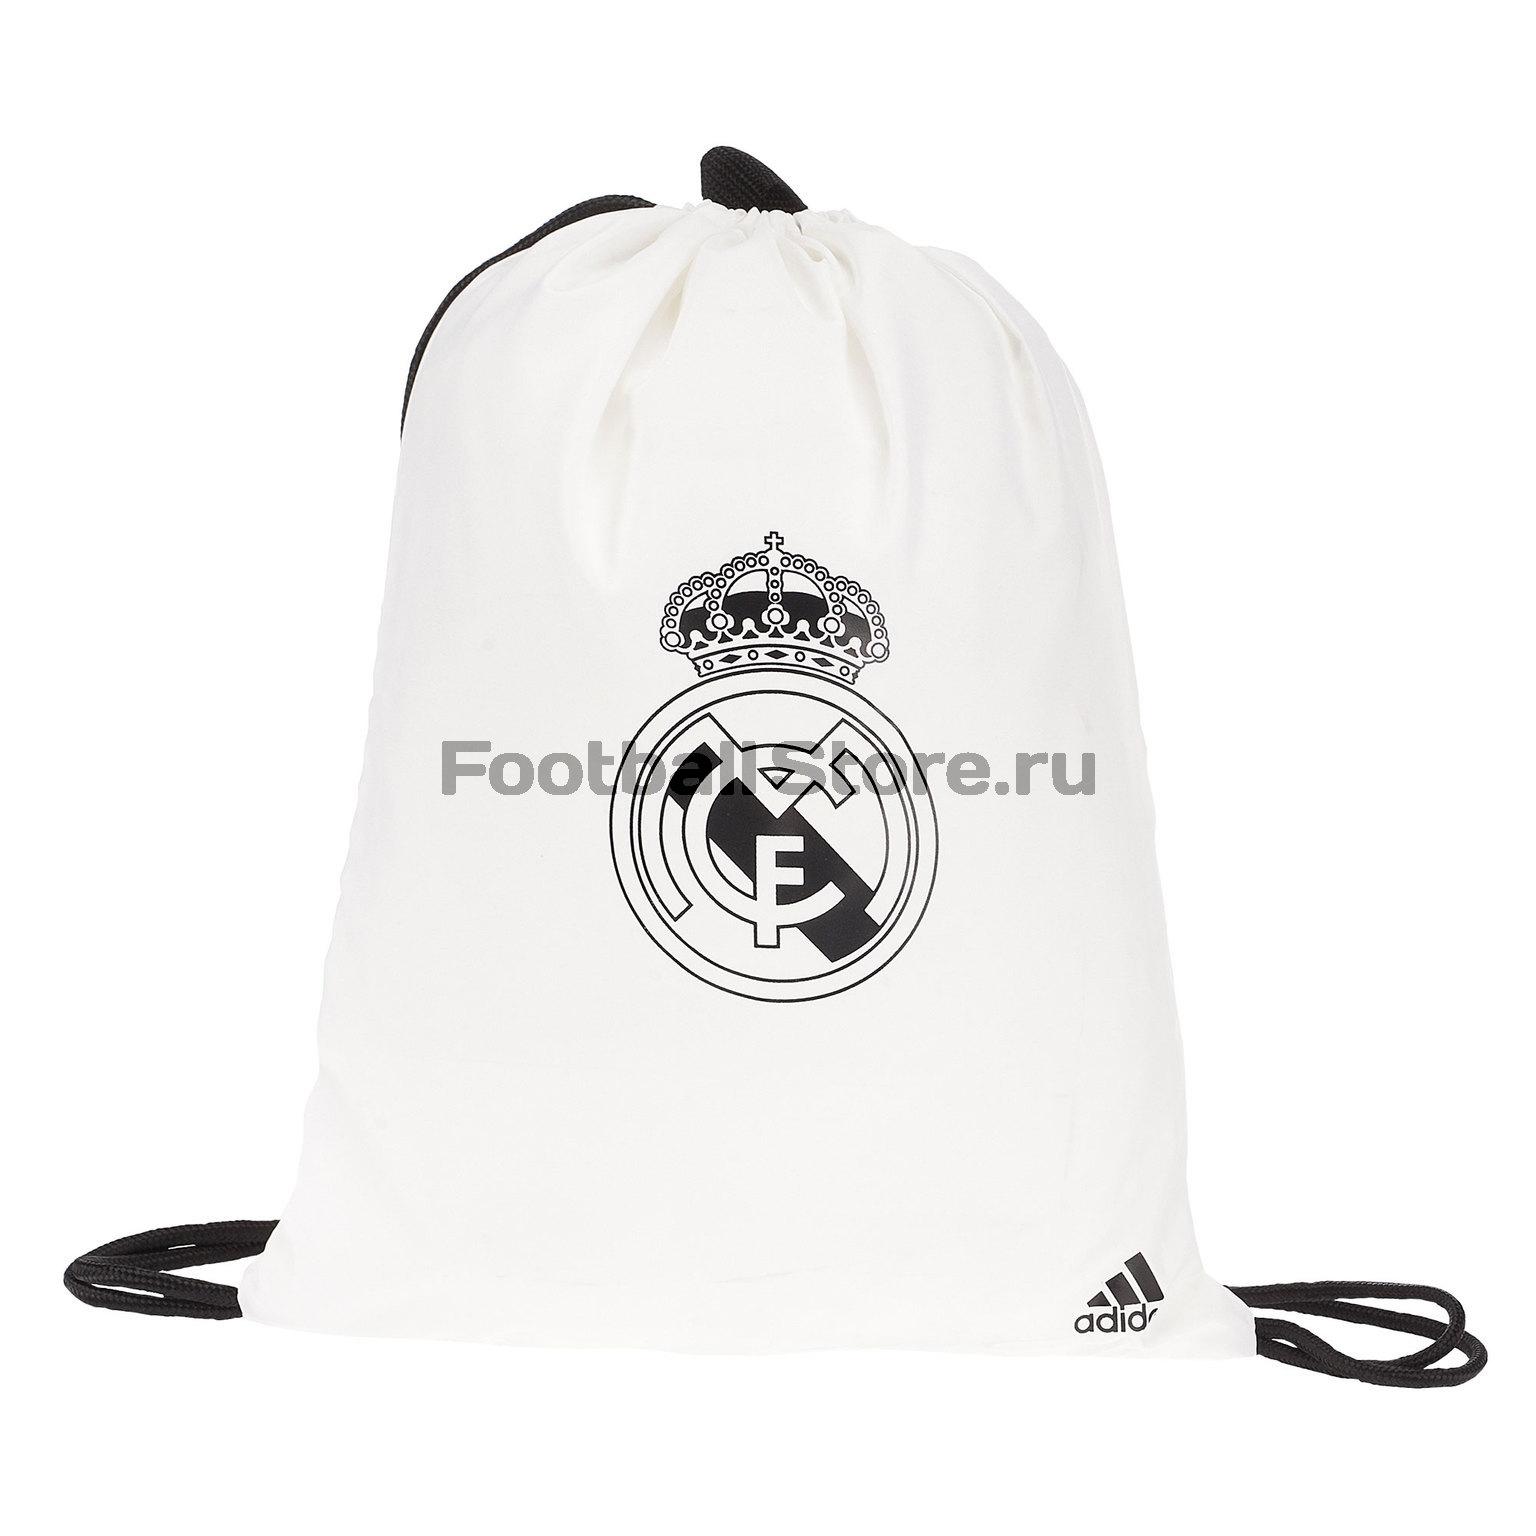 Сумка для обуви Adidas Real Madrid 2018/19 рюкзак adidas real madrid cy5597